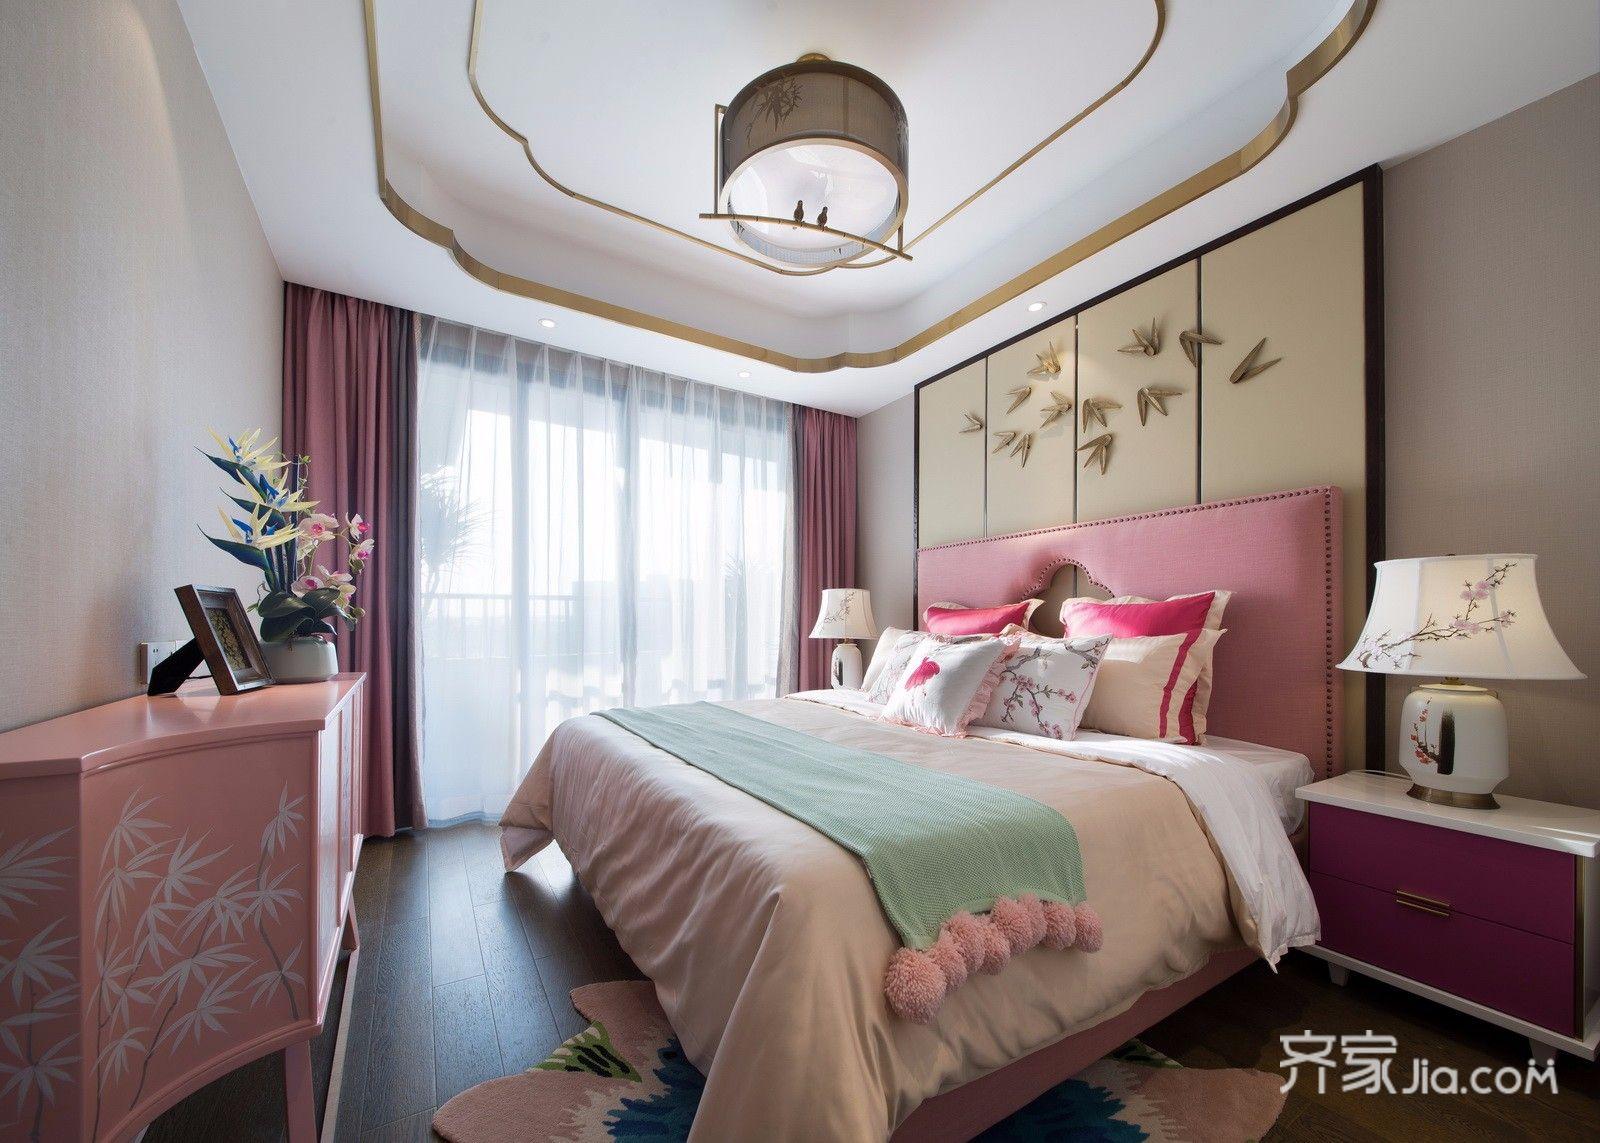 新中式别墅装修卧室效果图